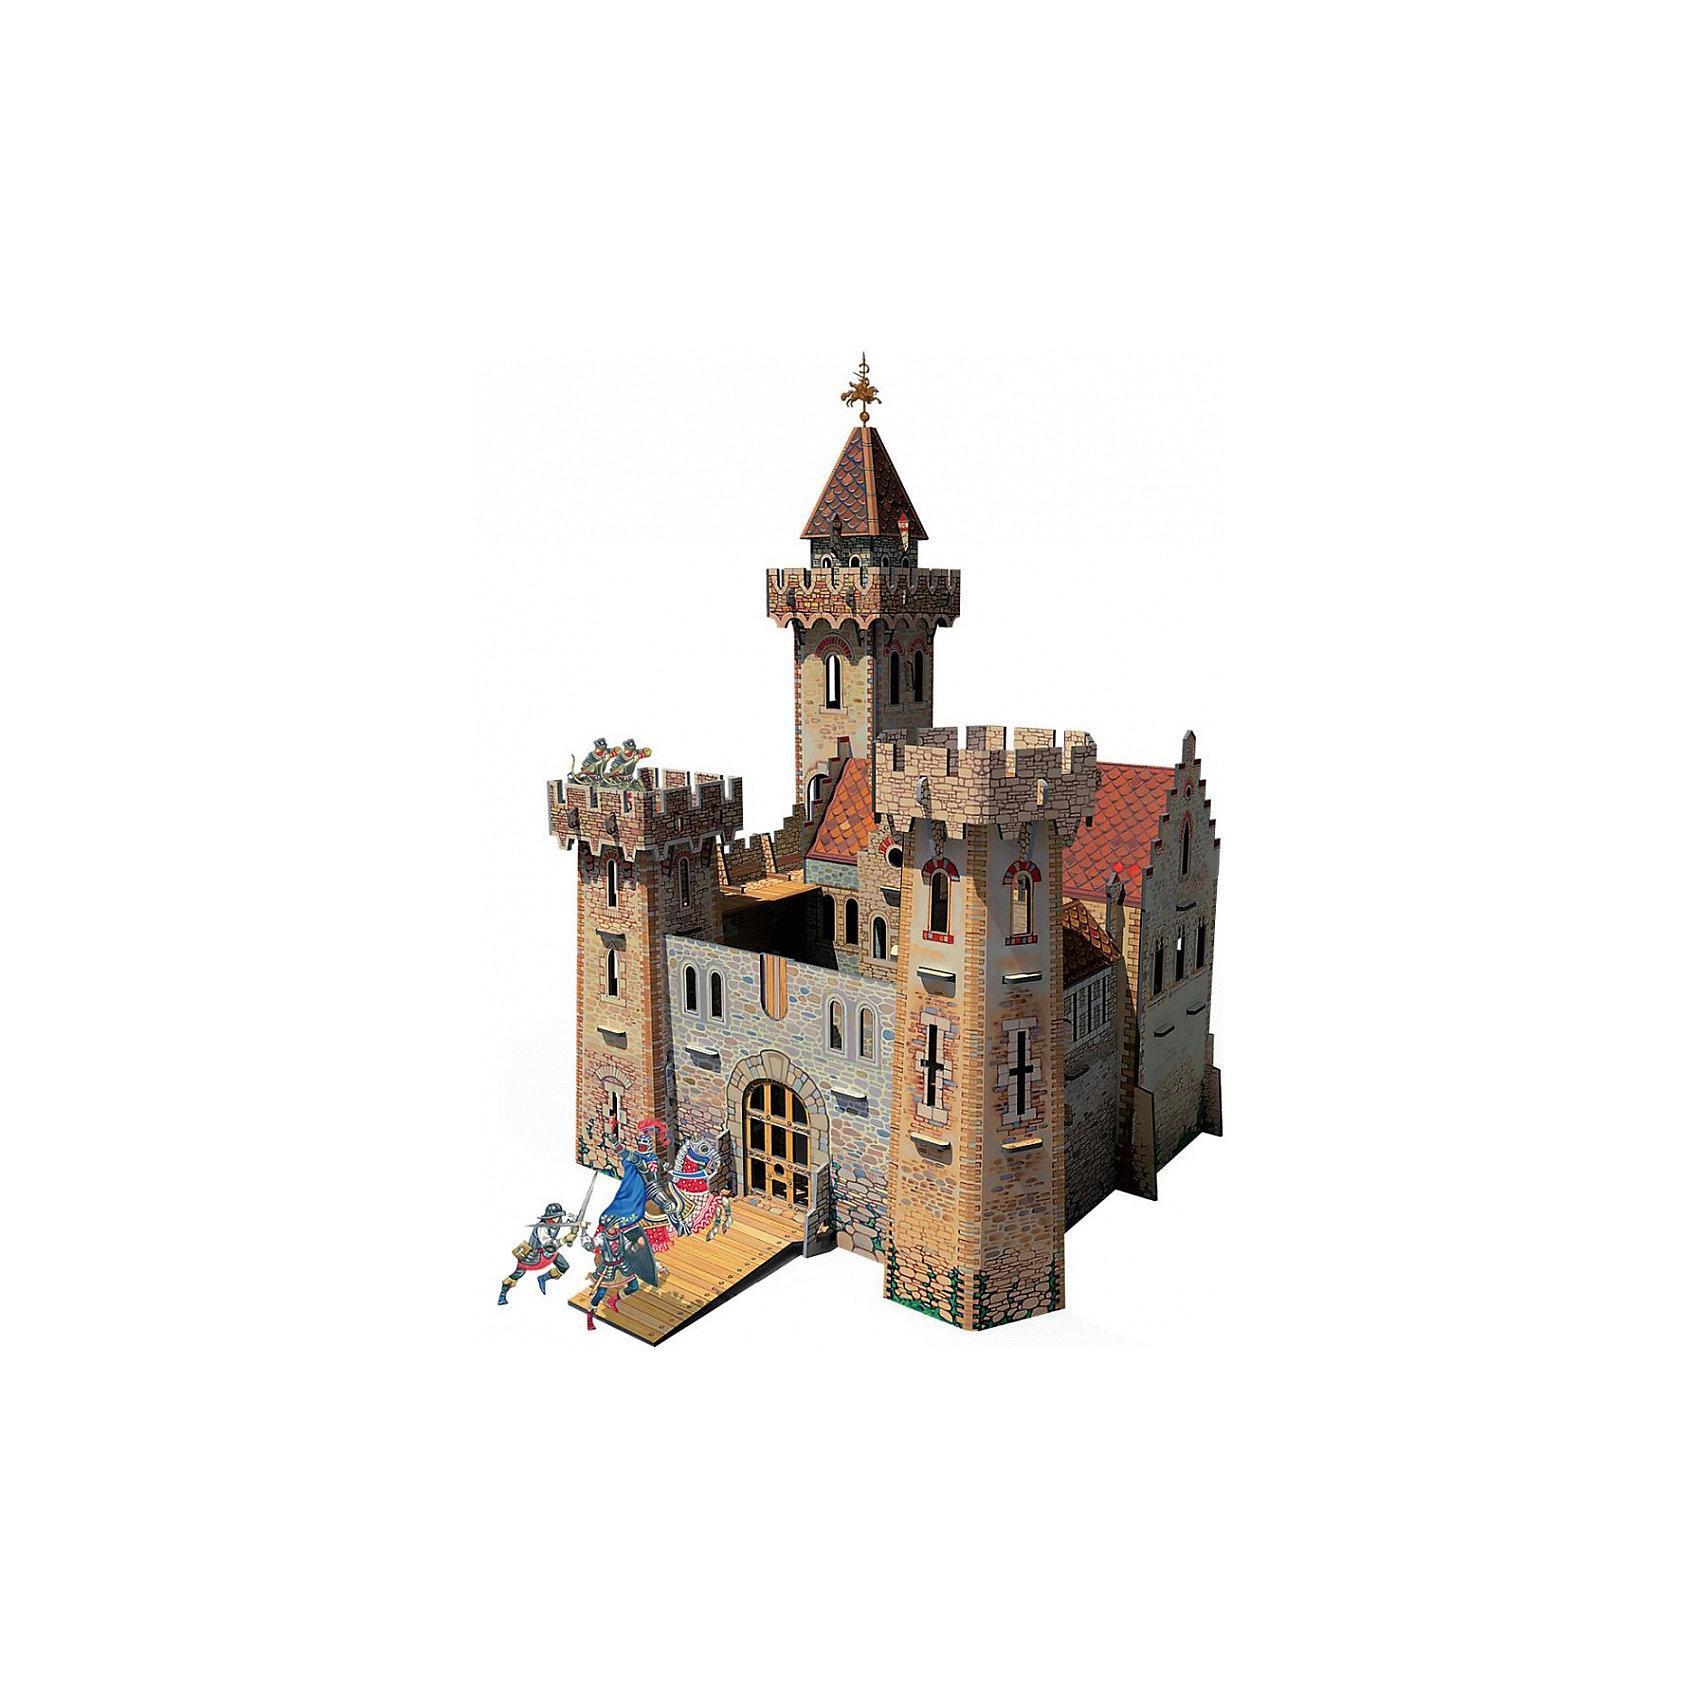 Сборная модель Рыцарский замокРыцарский замок - Сюжетный игровой набор из плотного картона. Серия: Средневековый город. Количество деталей, шт: 80. Размер в собранном виде, см: 26 х 24 х 45. Размер упаковки, мм.:  высота 493 ширина 350 глубина 37. Тип упаковки: Картонная коробка. Вес, гр.: 1800. Возраст: от 7 лет. Все модели и игрушки, созданные по технологии УМНАЯ БУМАГА собираются без ножниц и клея, что является их неповторимой особенностью.<br>Принцип соединения деталей запатентован. Соединения деталей продуманы и просчитаны с такой точностью, что при правильной сборке с моделью можно играть, как с обычной игрушкой.<br><br>Ширина мм: 350<br>Глубина мм: 37<br>Высота мм: 493<br>Вес г: 1800<br>Возраст от месяцев: 84<br>Возраст до месяцев: 2147483647<br>Пол: Унисекс<br>Возраст: Детский<br>SKU: 4807434